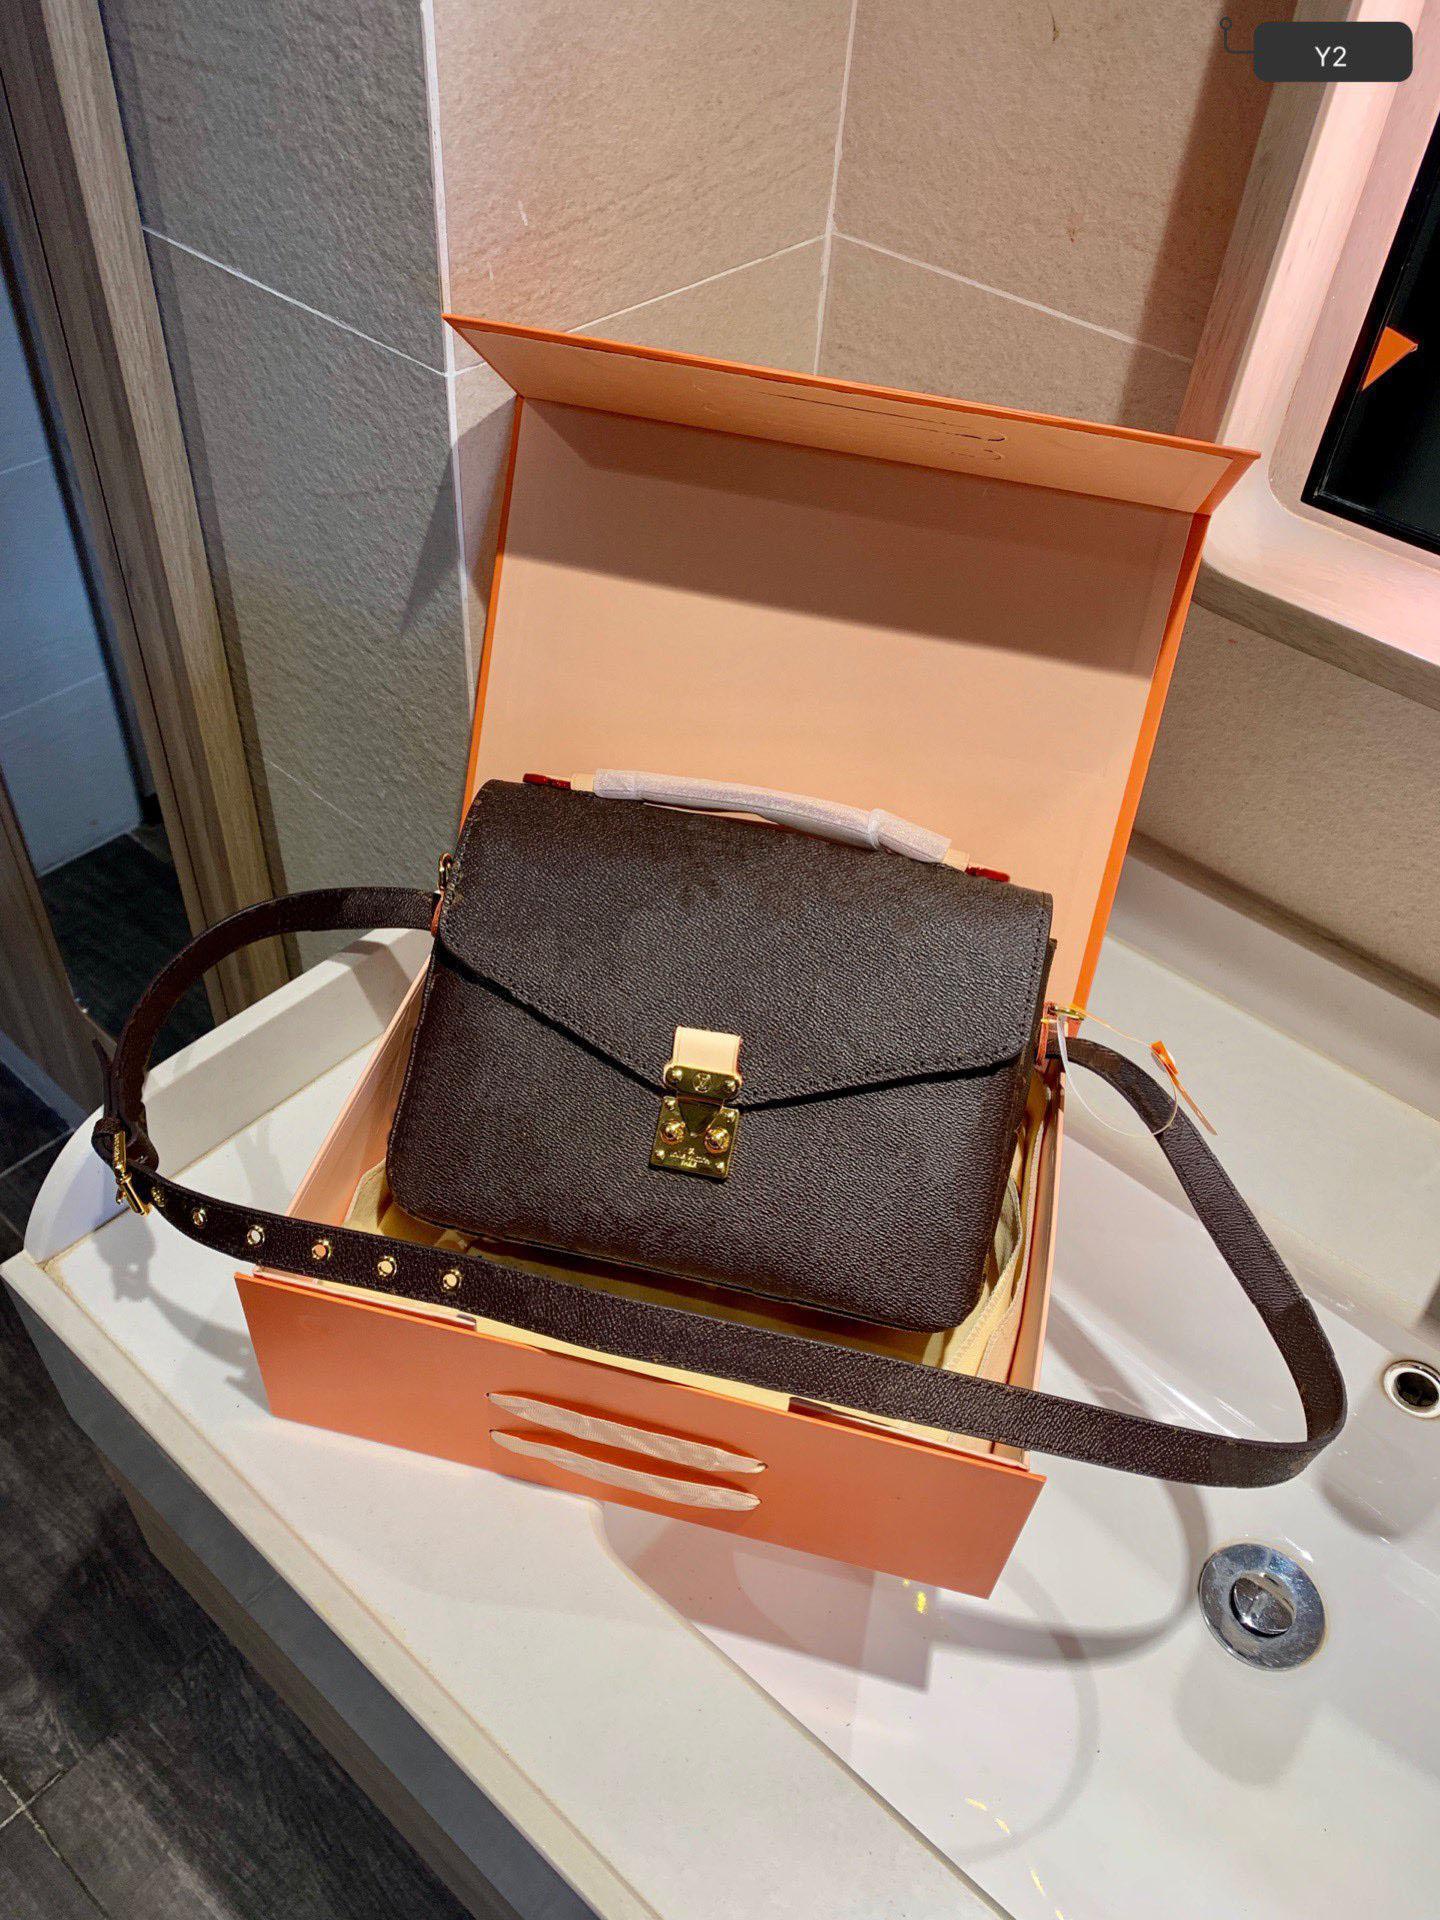 Designers mulheres mensageiro bolsa de ombro couro embreagem totes cocette metis crossbody backcases bolsa bolsa 40780